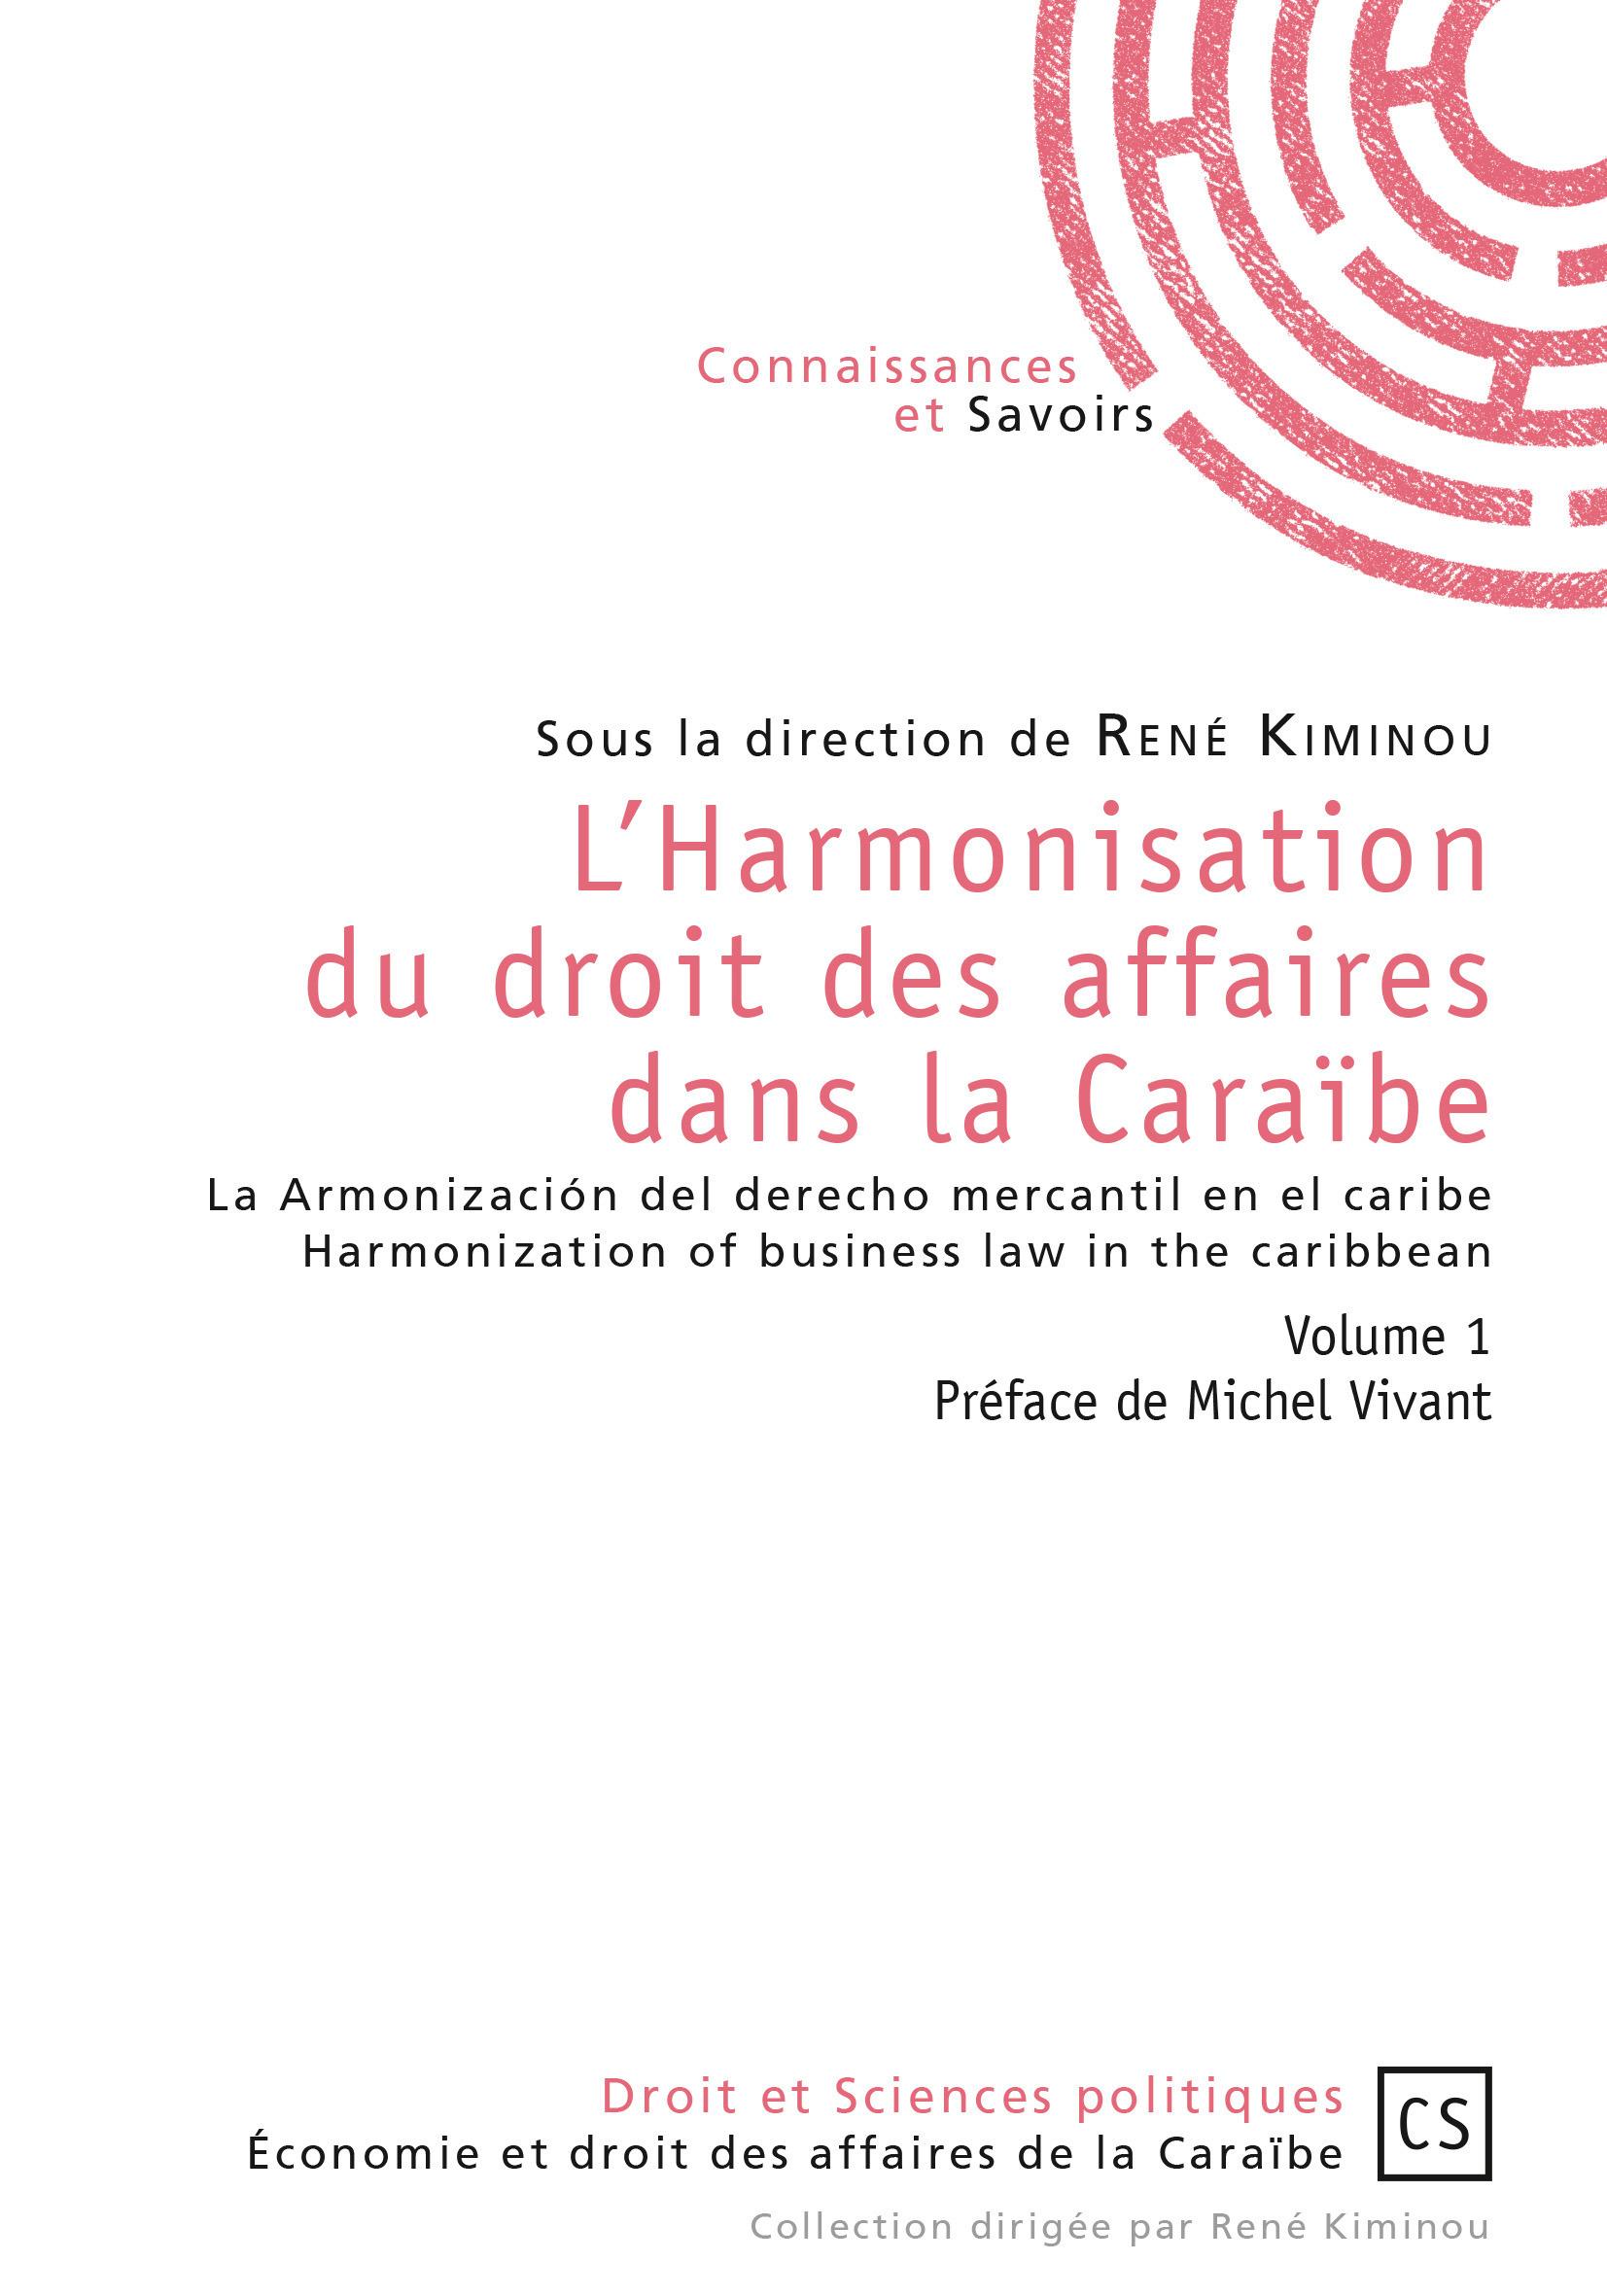 L'harmonisation du droit des affaires dans la Caraïbe ; la armonización del derecho mercantil en el caribe ; harmonization of business law in the caribbean t.1